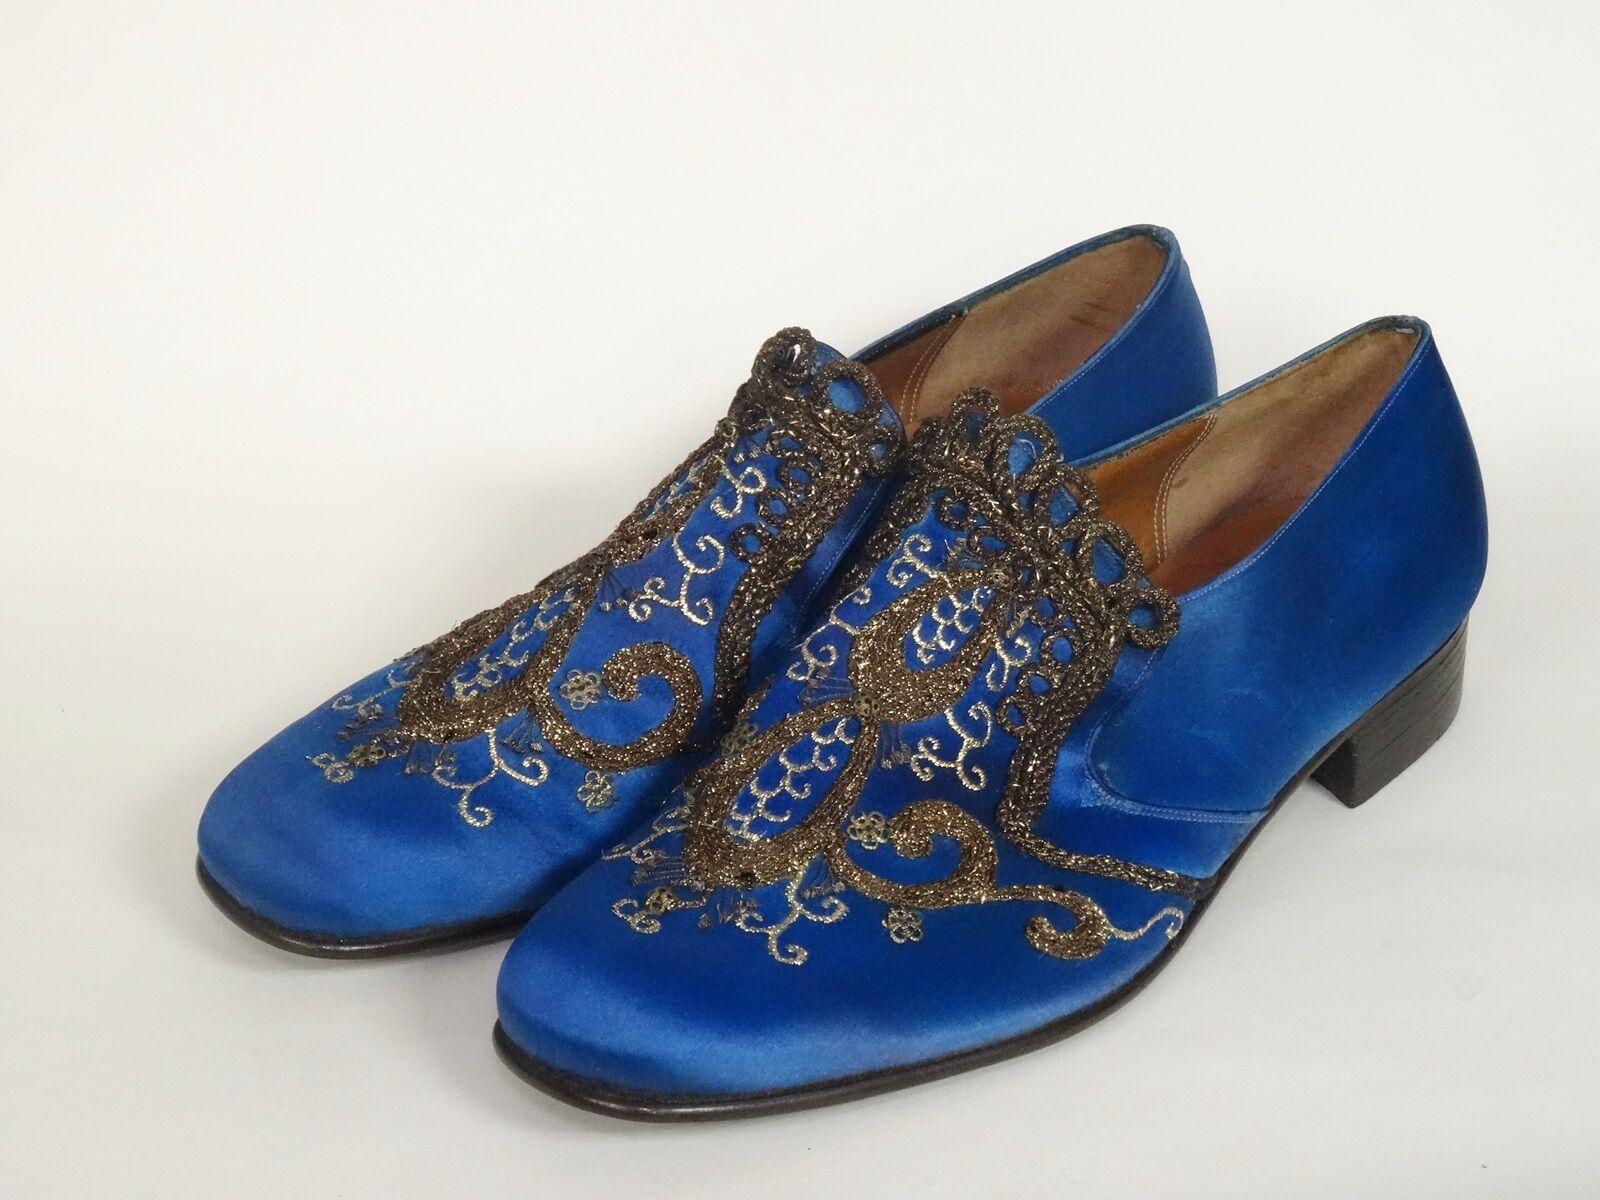 promozioni eccitanti GORGEOUS GORGEOUS GORGEOUS D. SEVASTAKIS Uomo EMBROIDERED scarpe  sz 8 D  sconto online di vendita